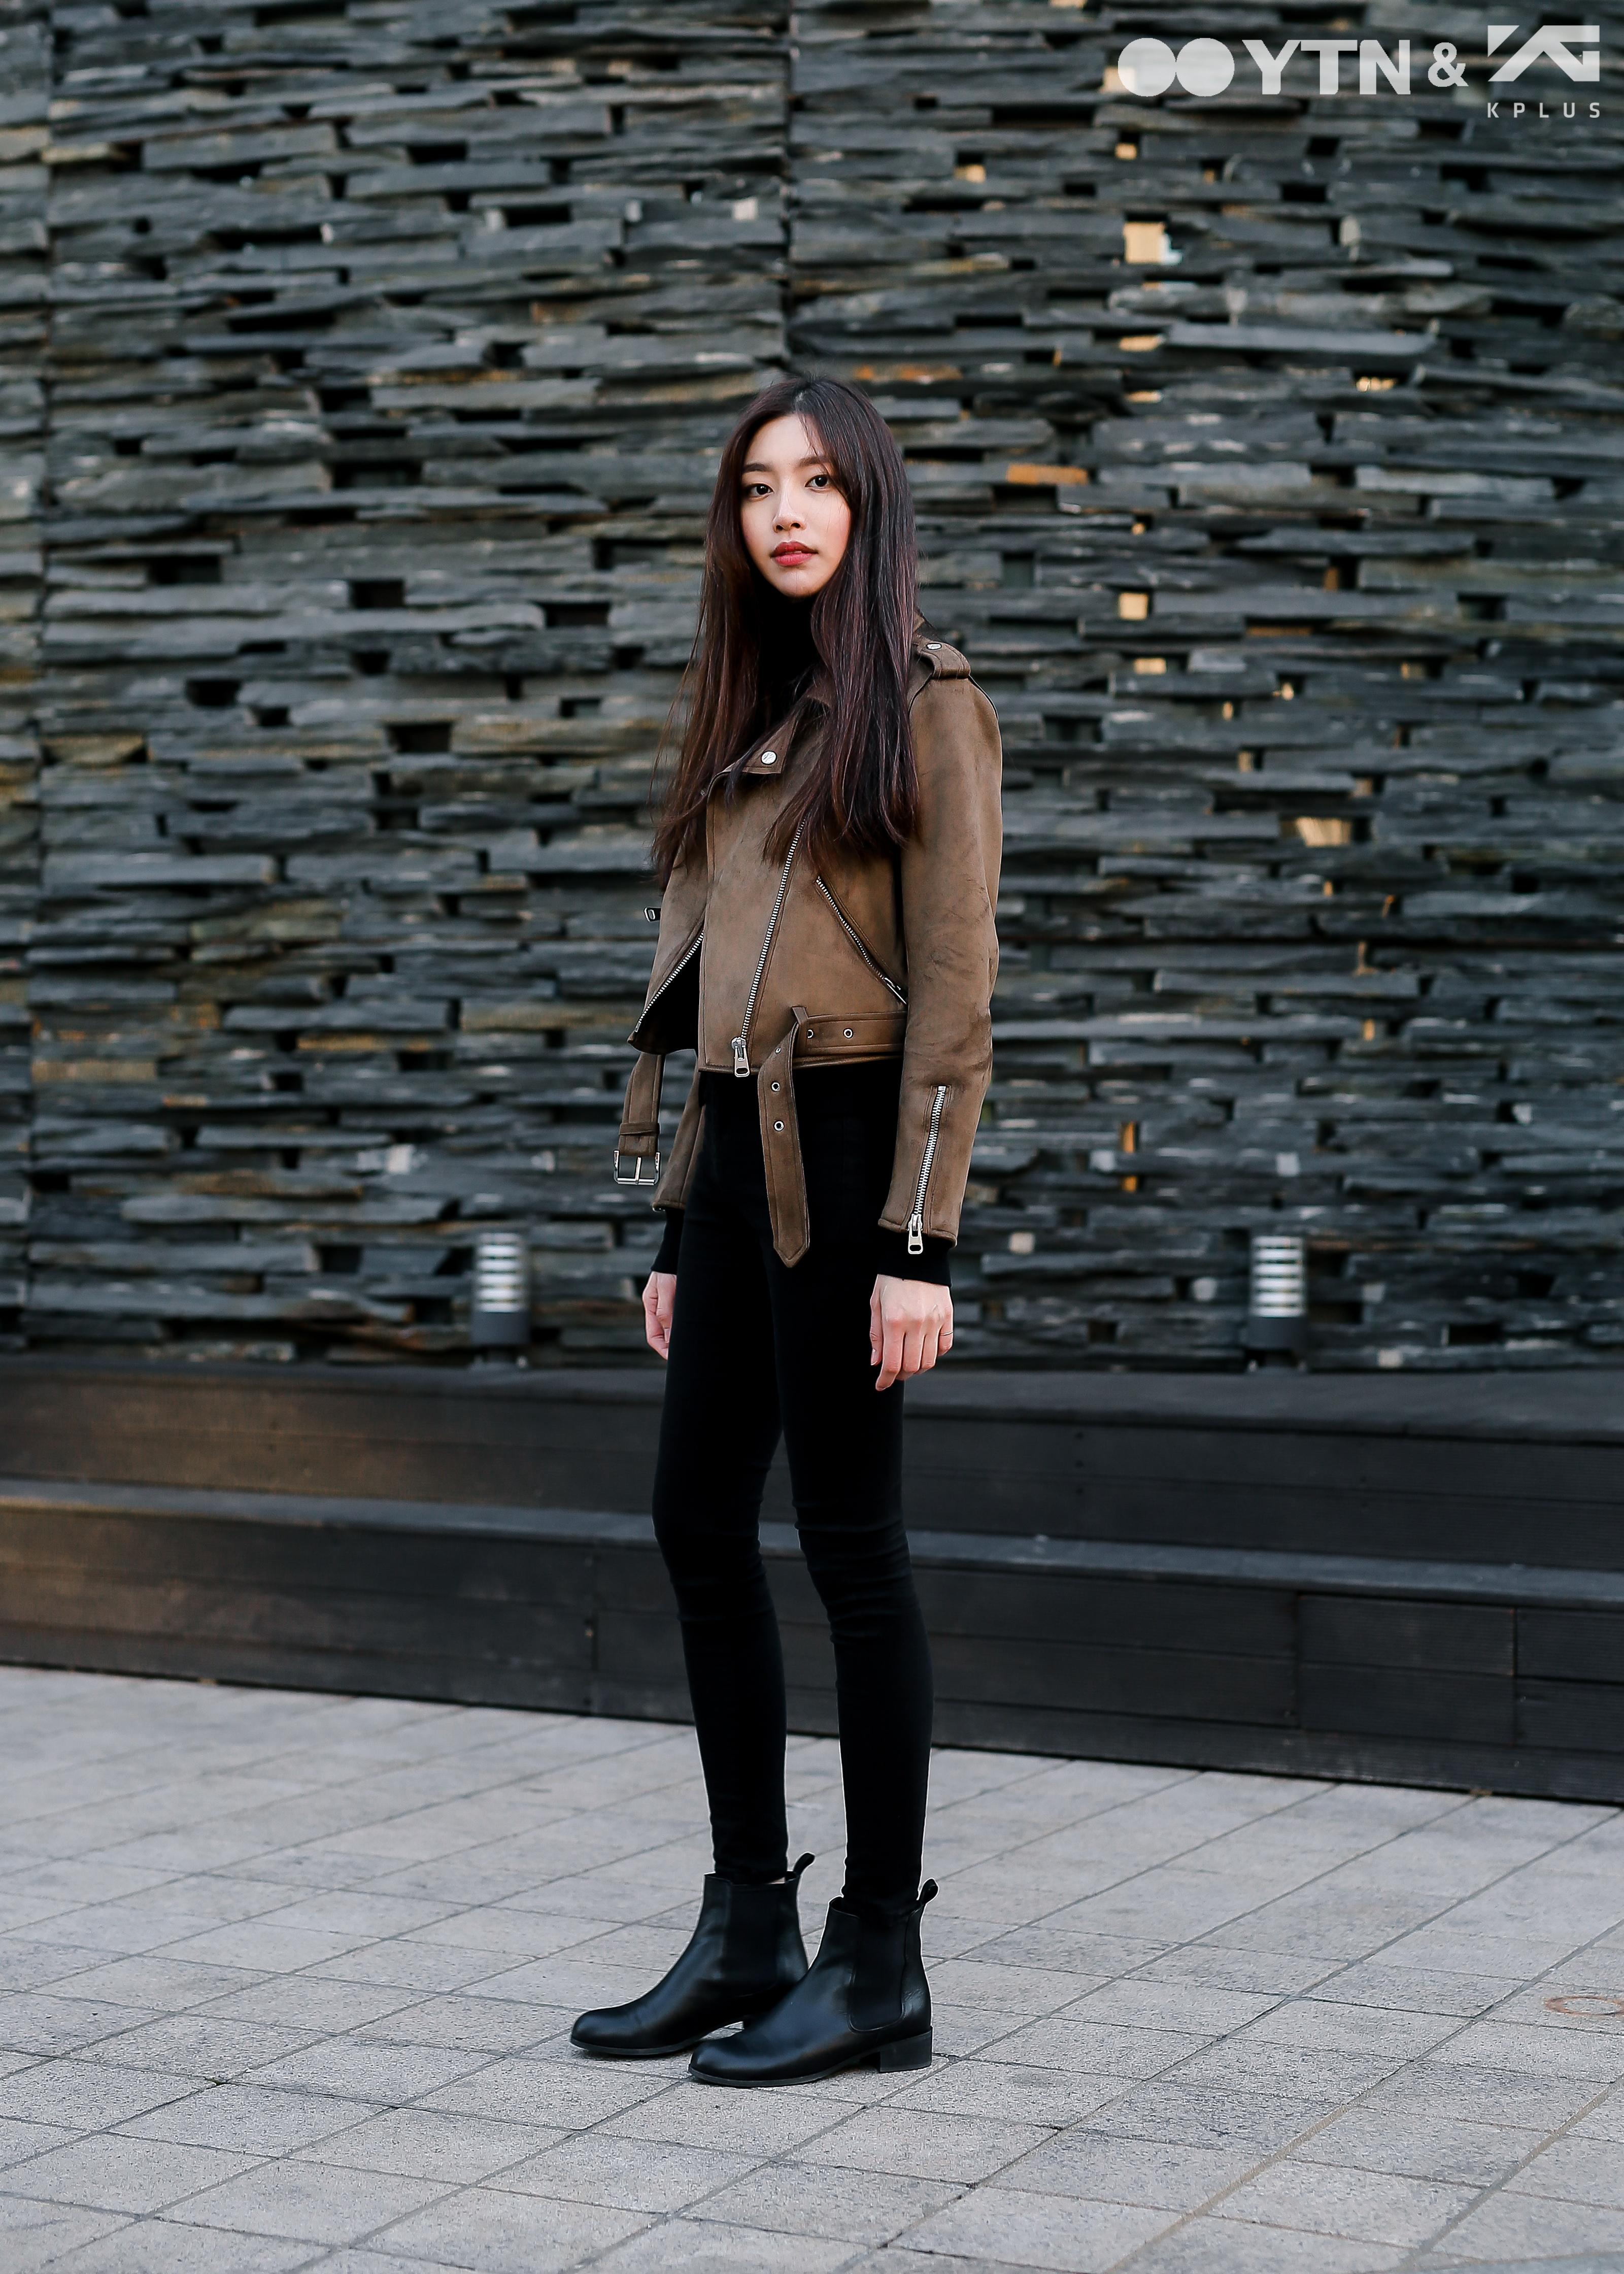 '궁극의 차도녀' 모델 이하나의 프렌치 시크 룩